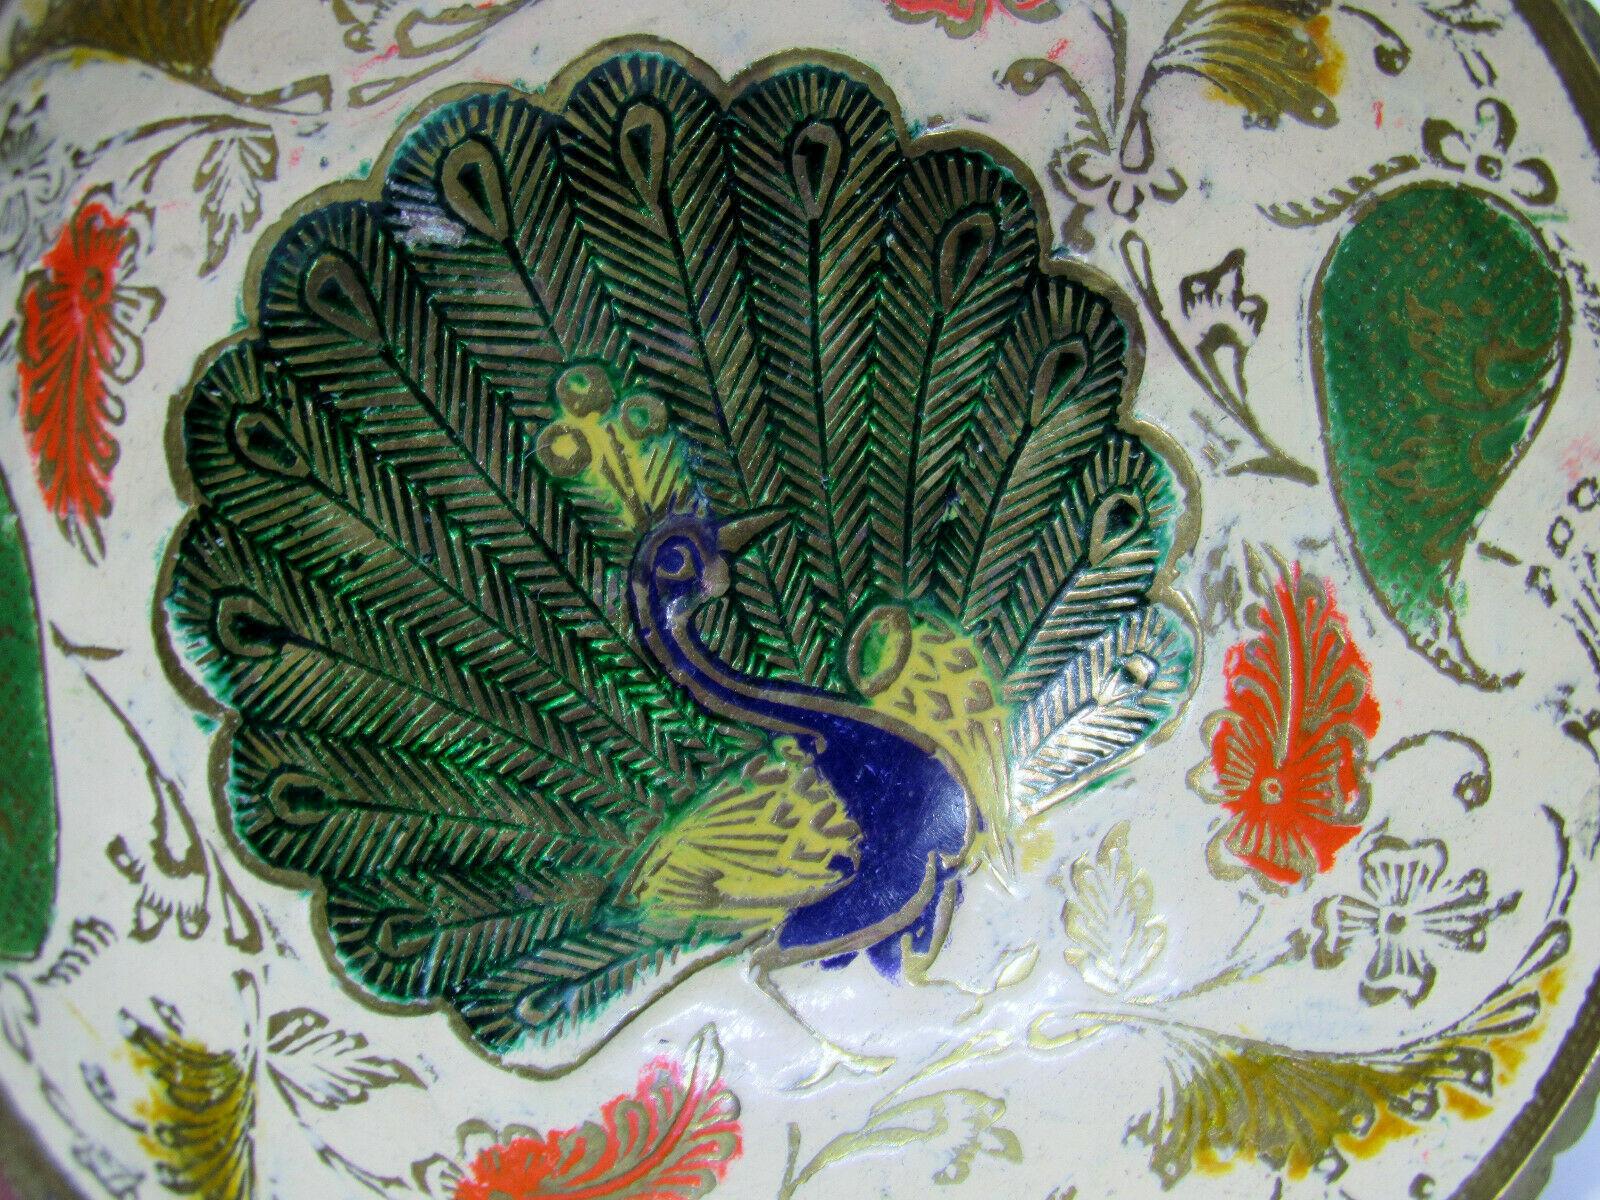 Vintage Brass Ornate Peacock Enameled Bowl on Pedestal image 2